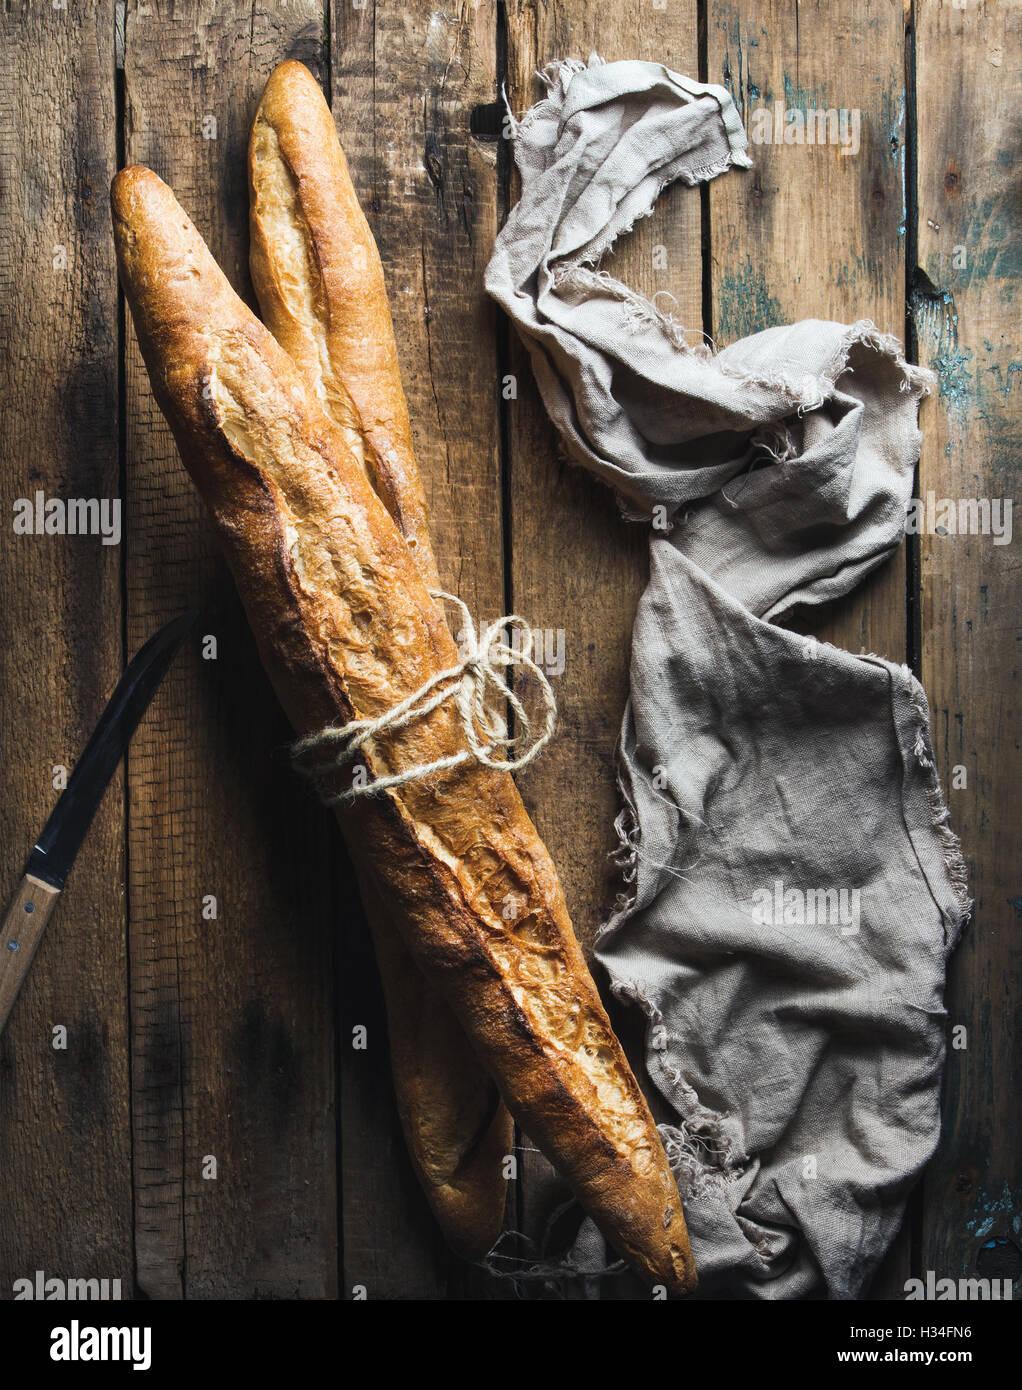 Zwei französische Baguettes auf grobe rustikale Holz Hintergrund Stockbild